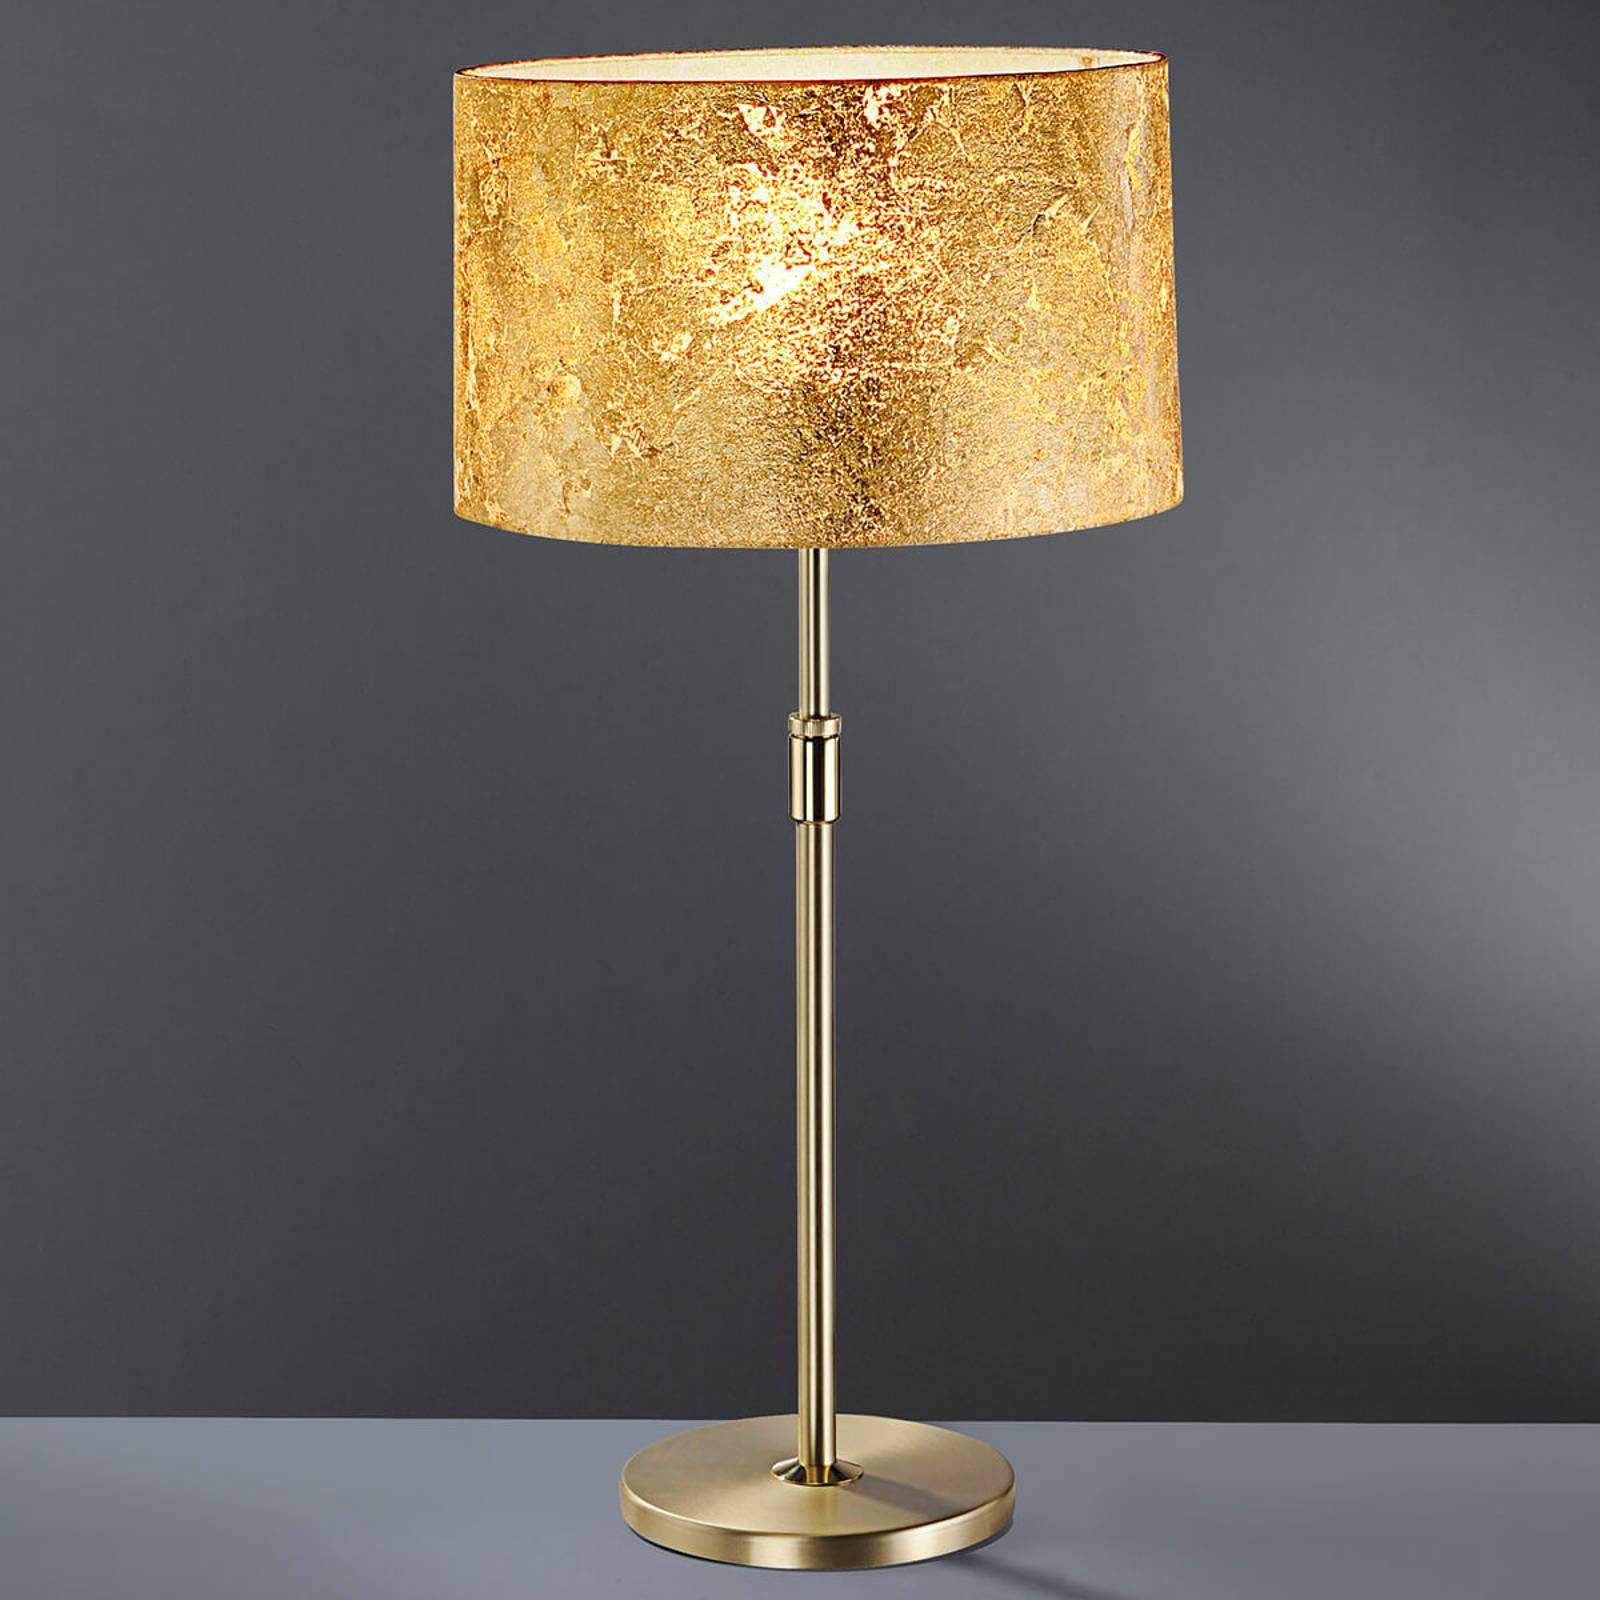 Bordlampe med bladgull Loop 55 - 75 cm høy